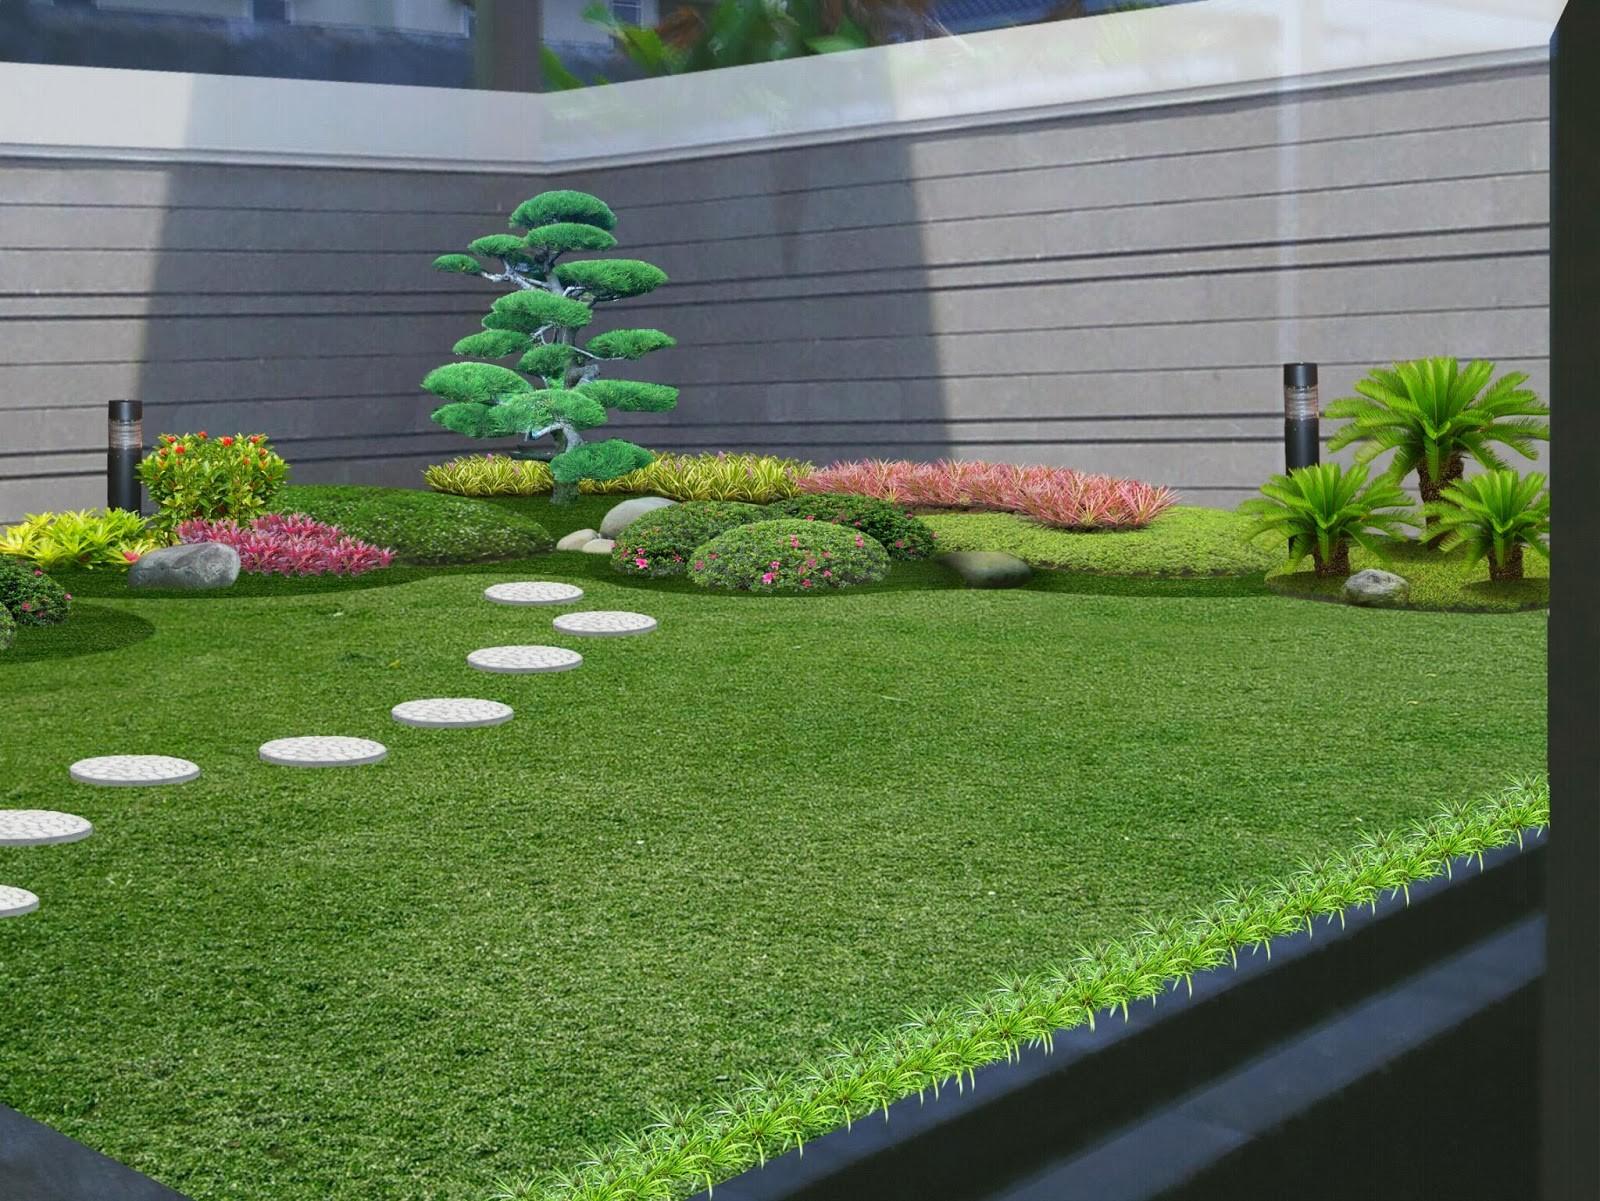 desain taman lahan sempit Luxury Desain Taman Minimalis Di Lahan Sempit